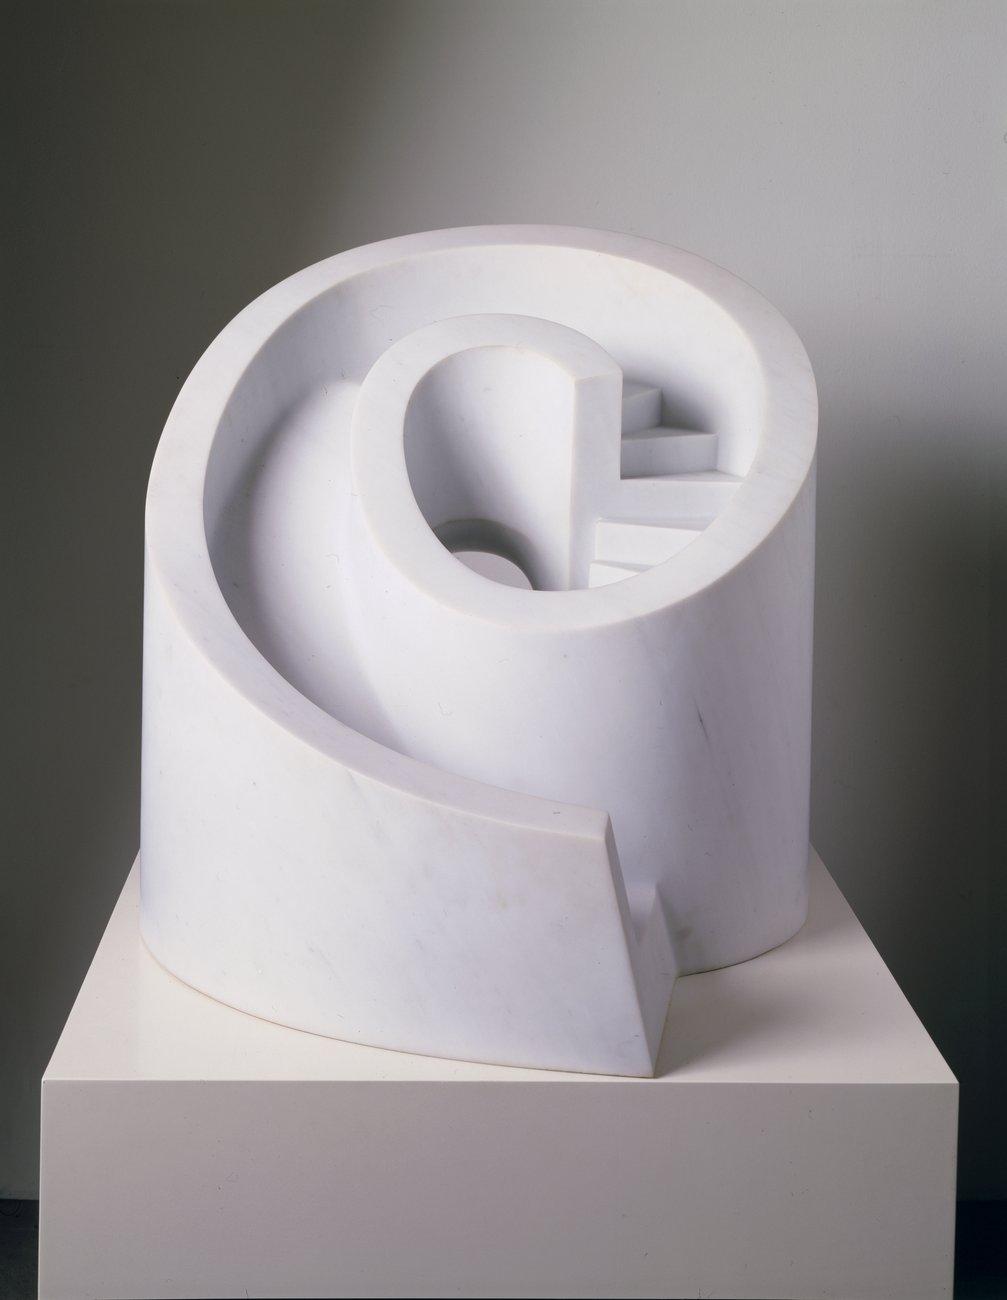 Isamu Noguchi, Slide Mantra Maquette